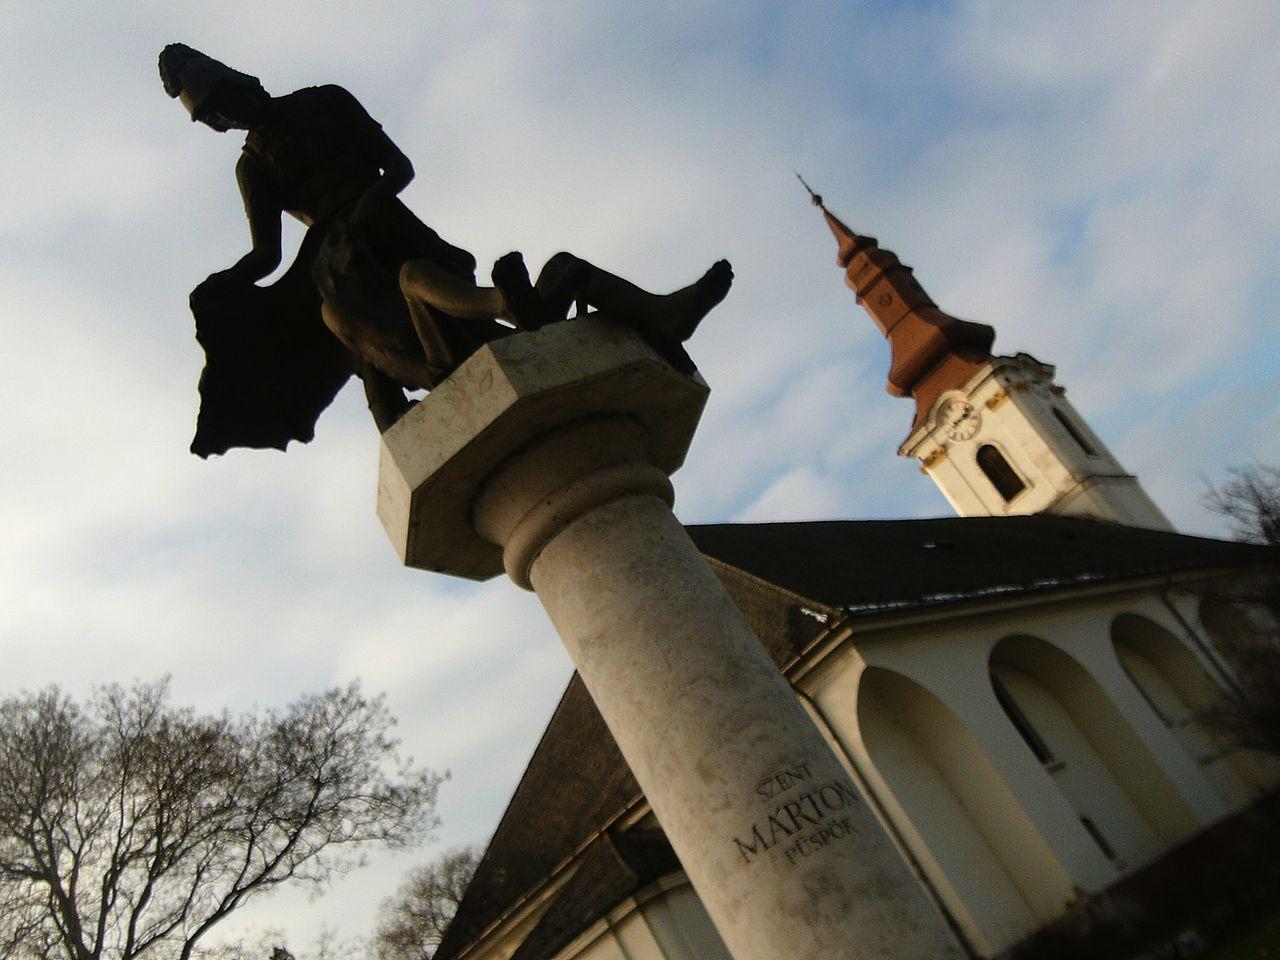 Szent Márton püspök szobra (Benedek György 2000), Petőfi tér, Szalkszentmárton 47m.jpg